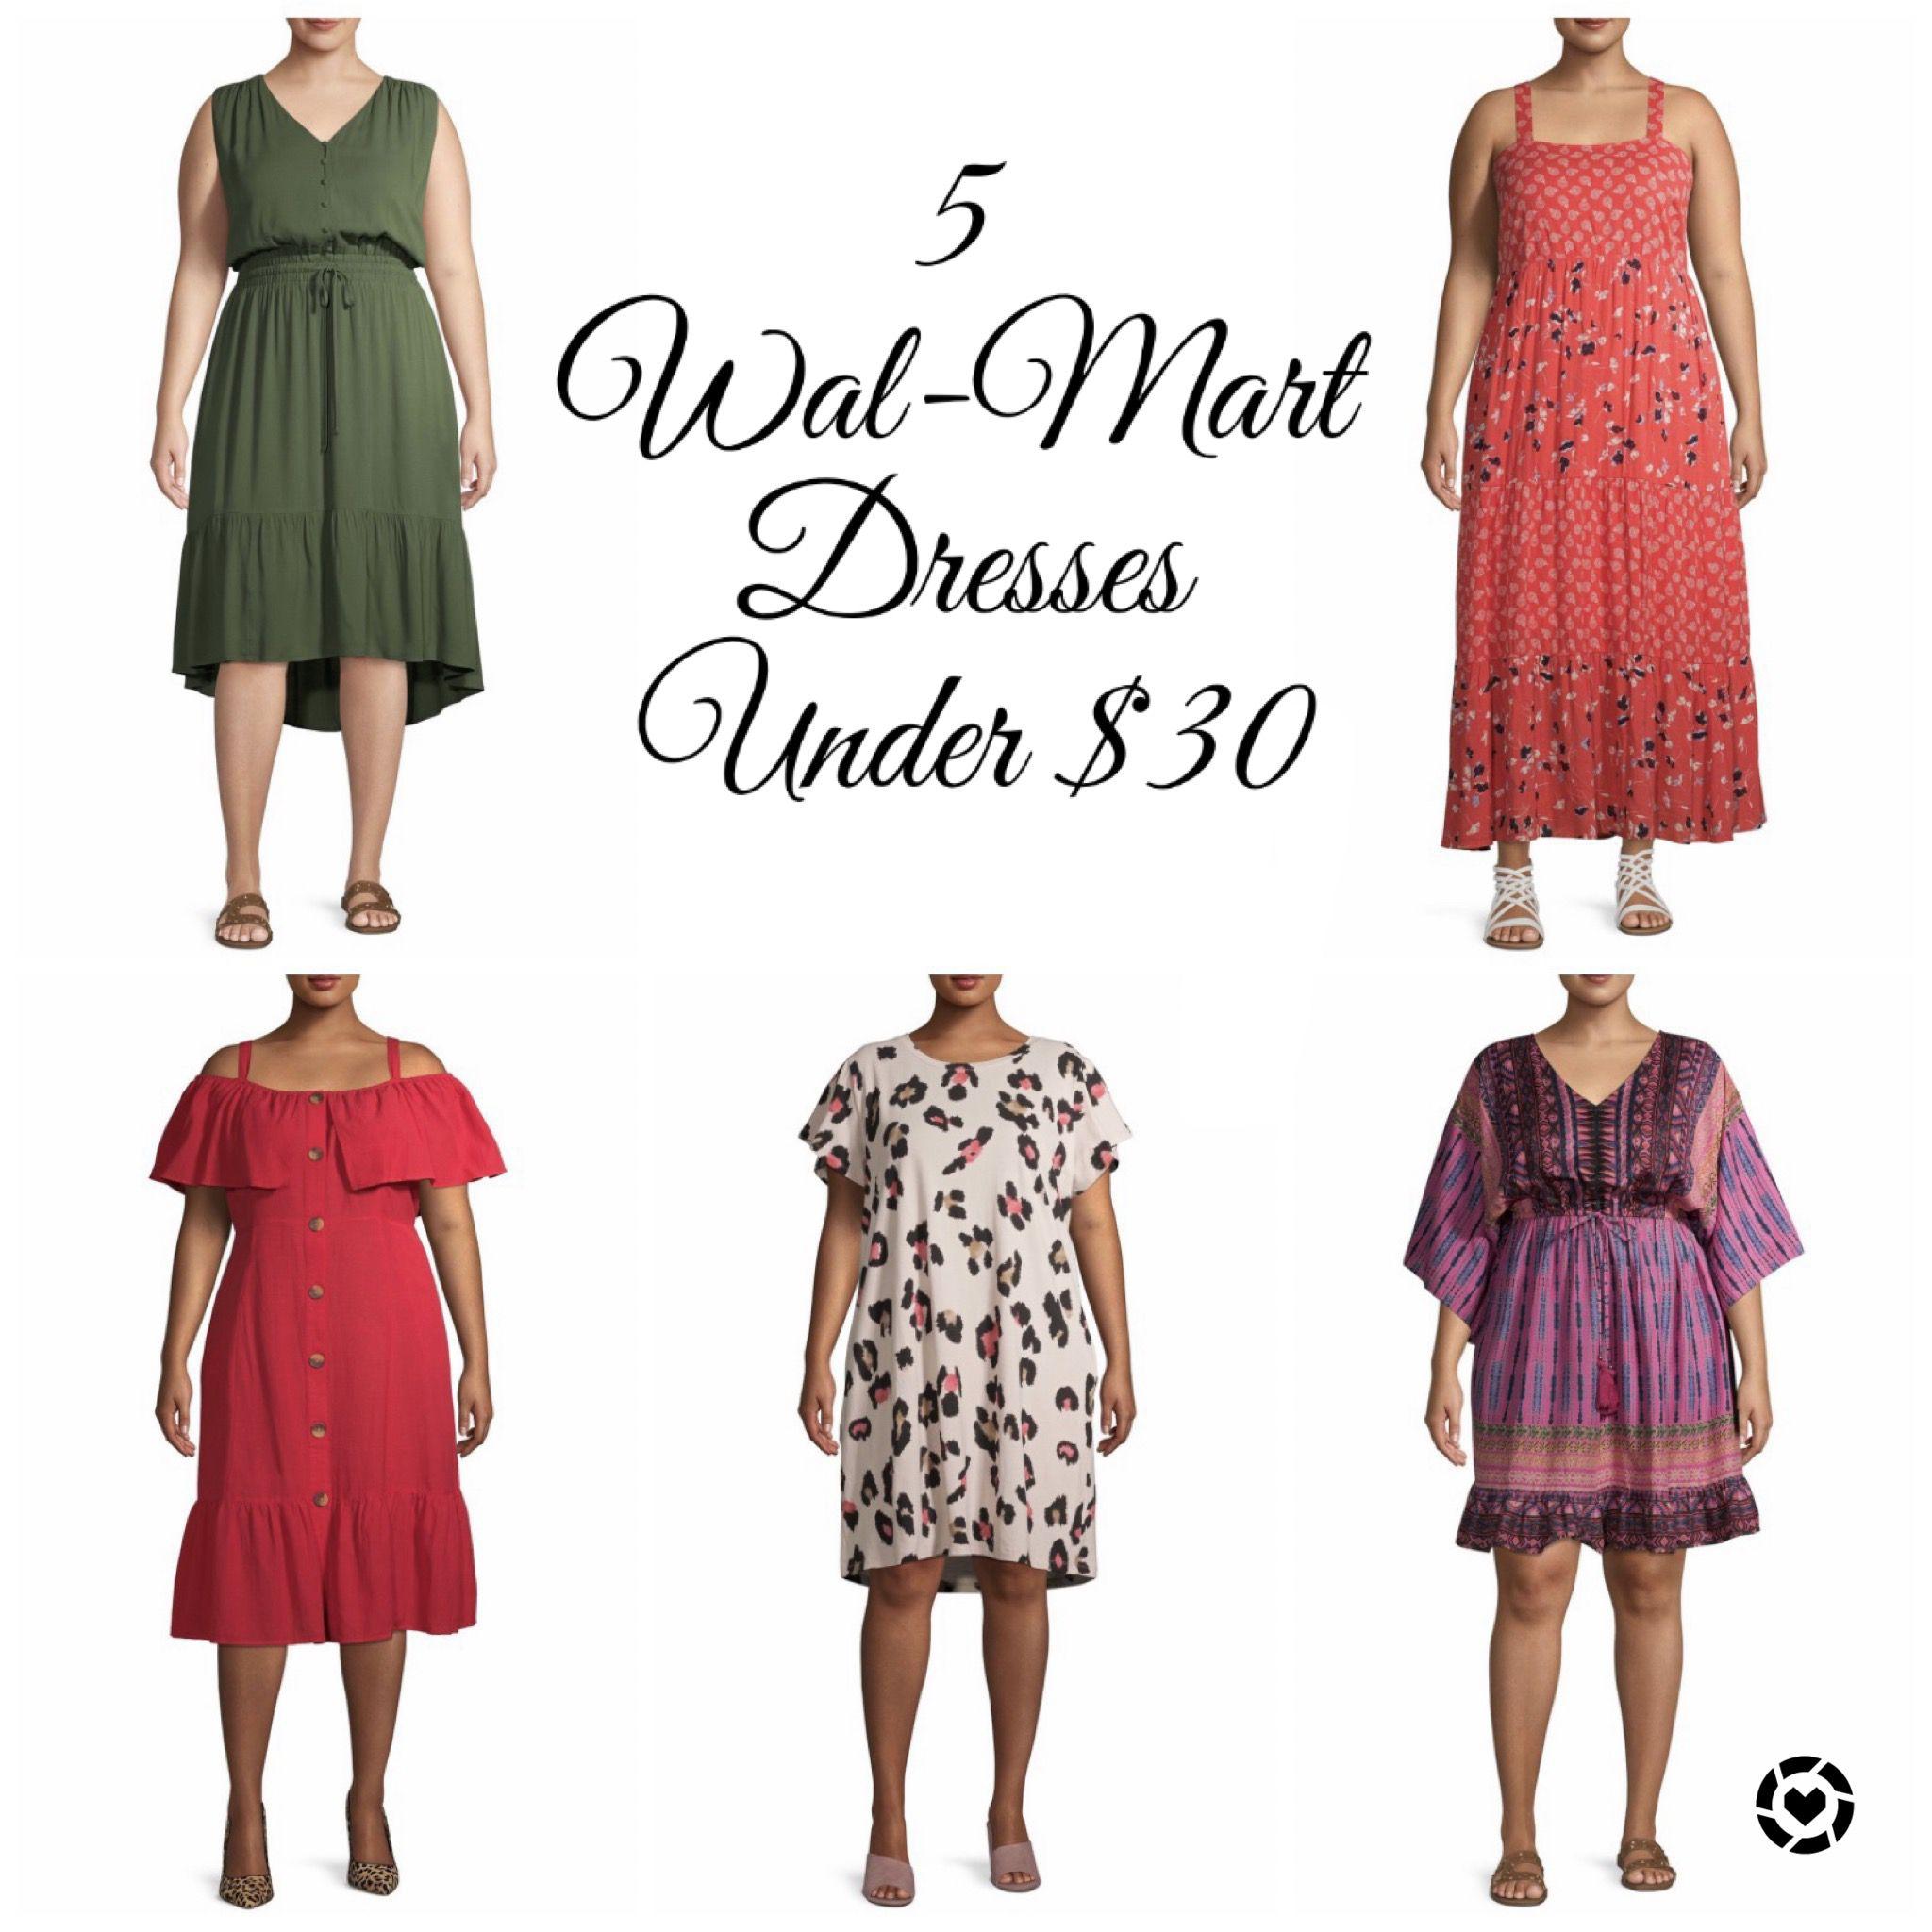 Plus Size Dresses Under 30 Plus Size Dresses Plus Size Fashion Plus Size [ 2048 x 2048 Pixel ]